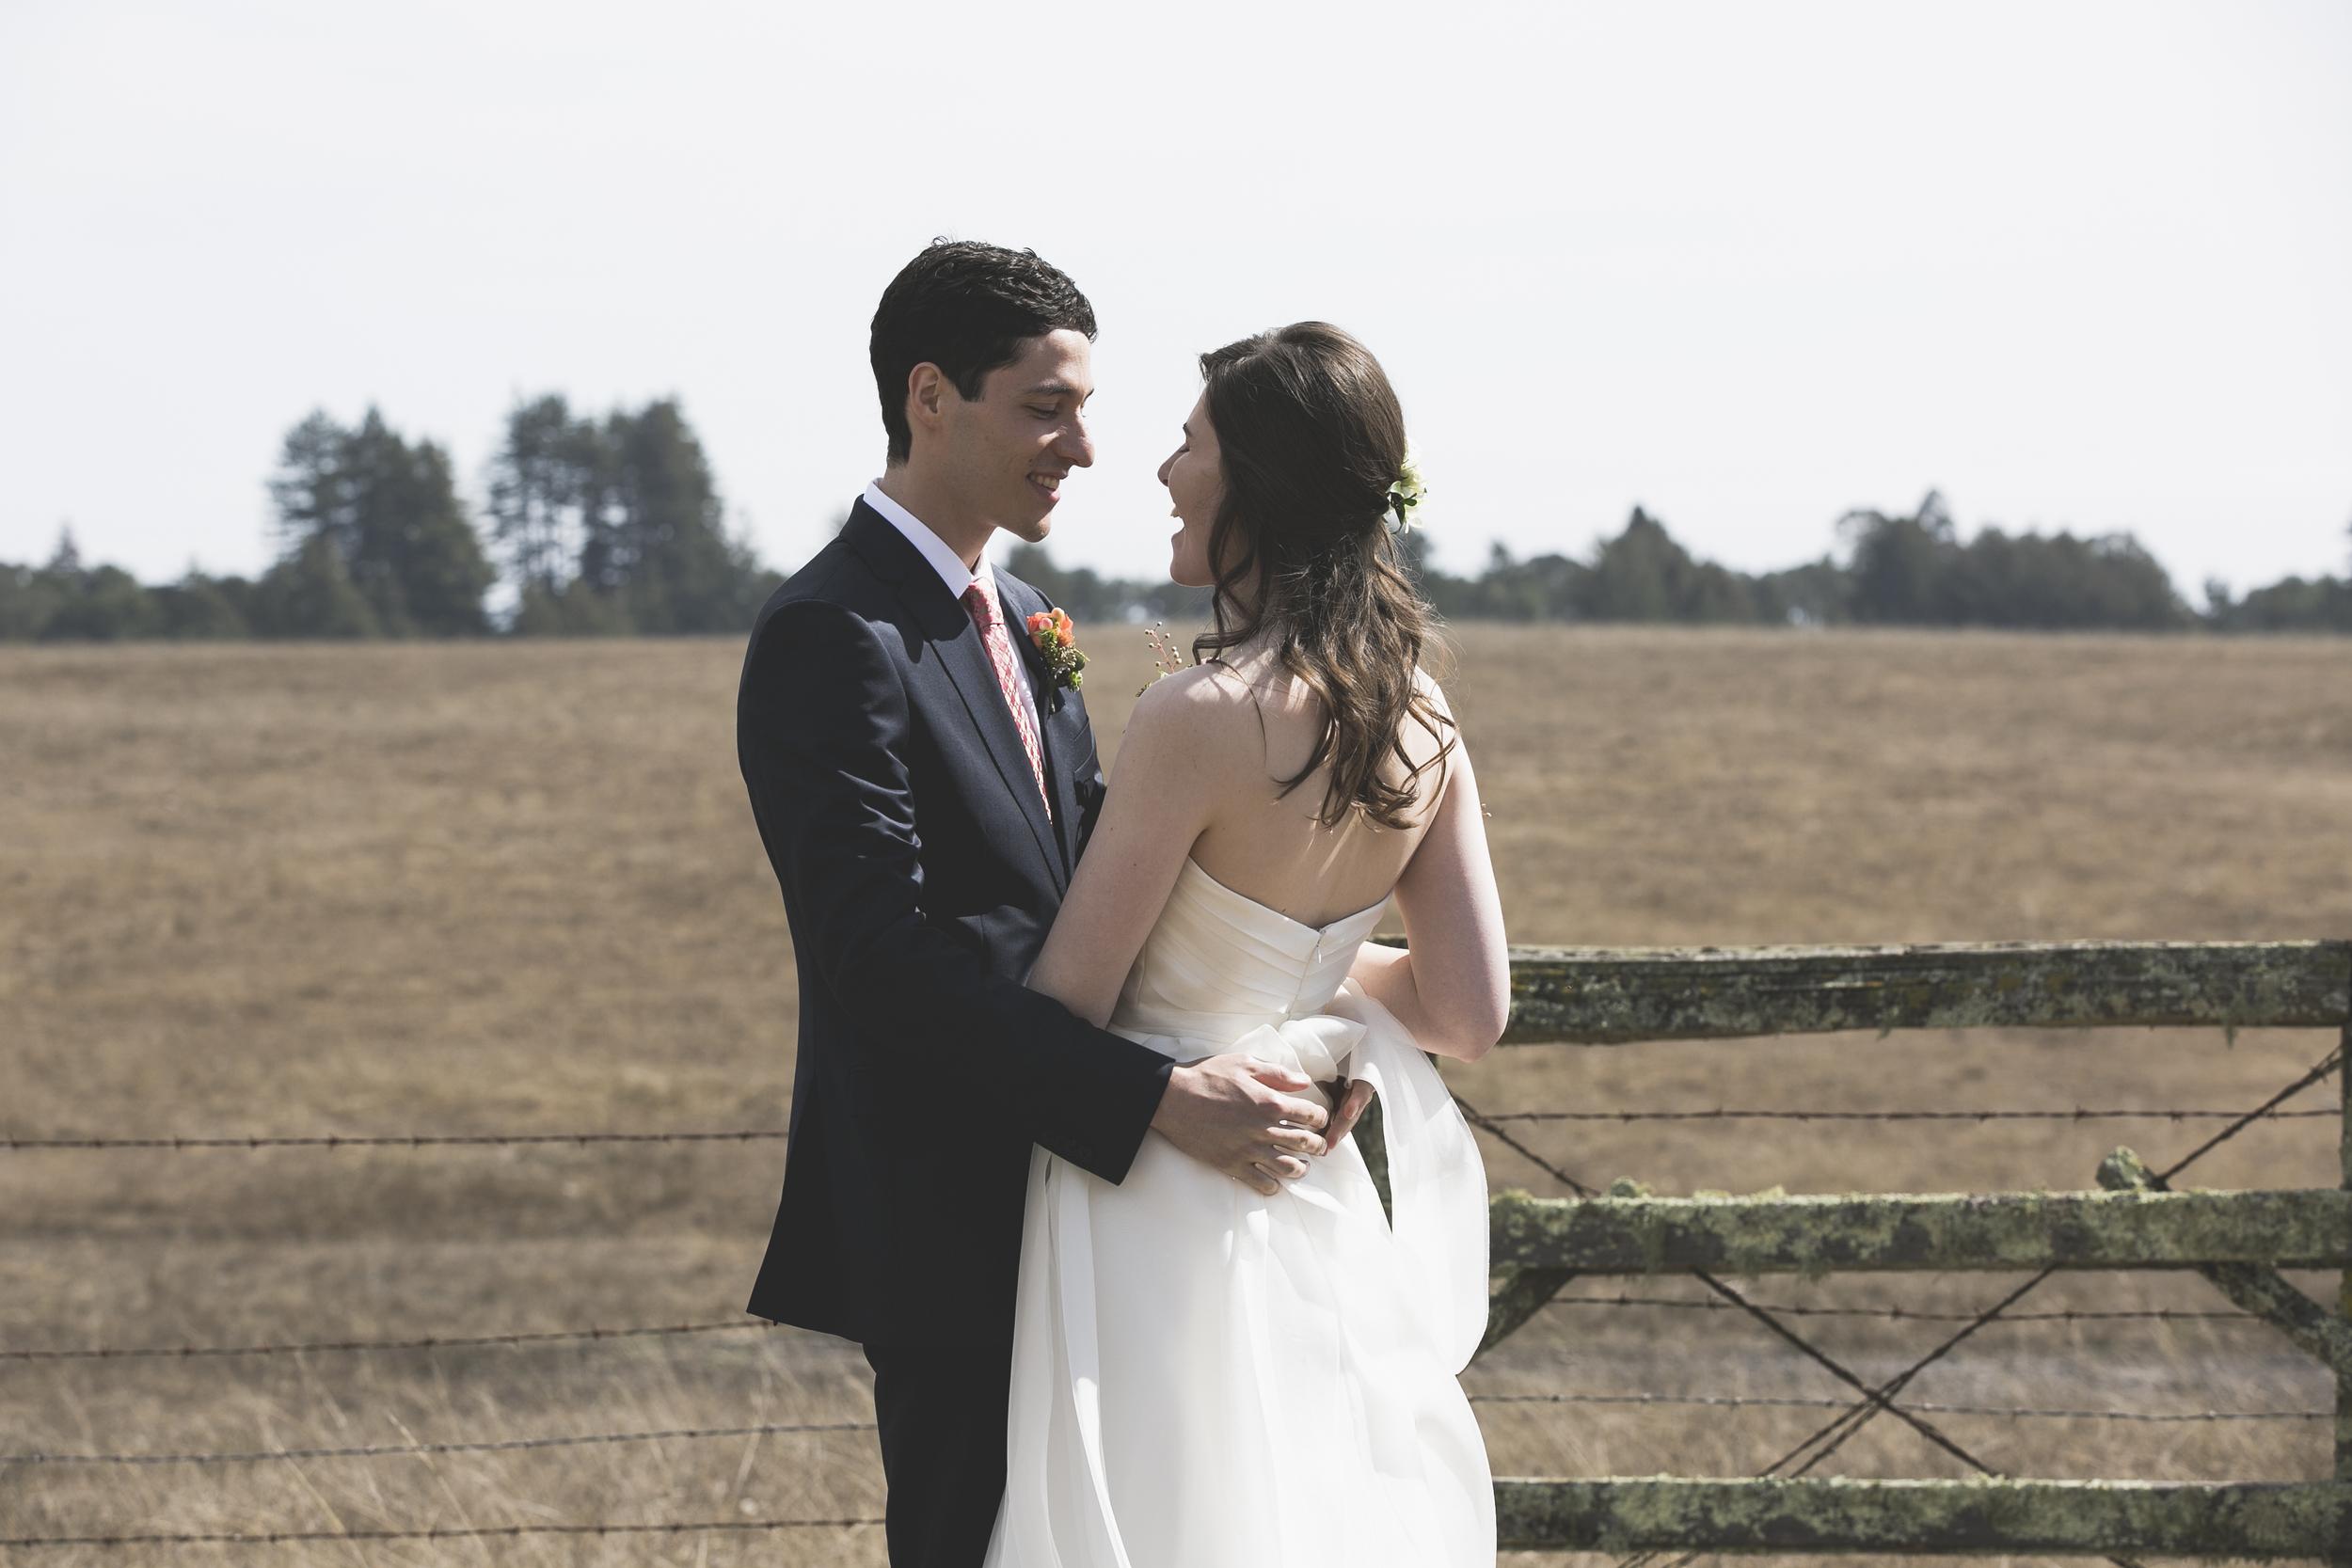 Wedding_Emma&Alex_20140913_690.jpg